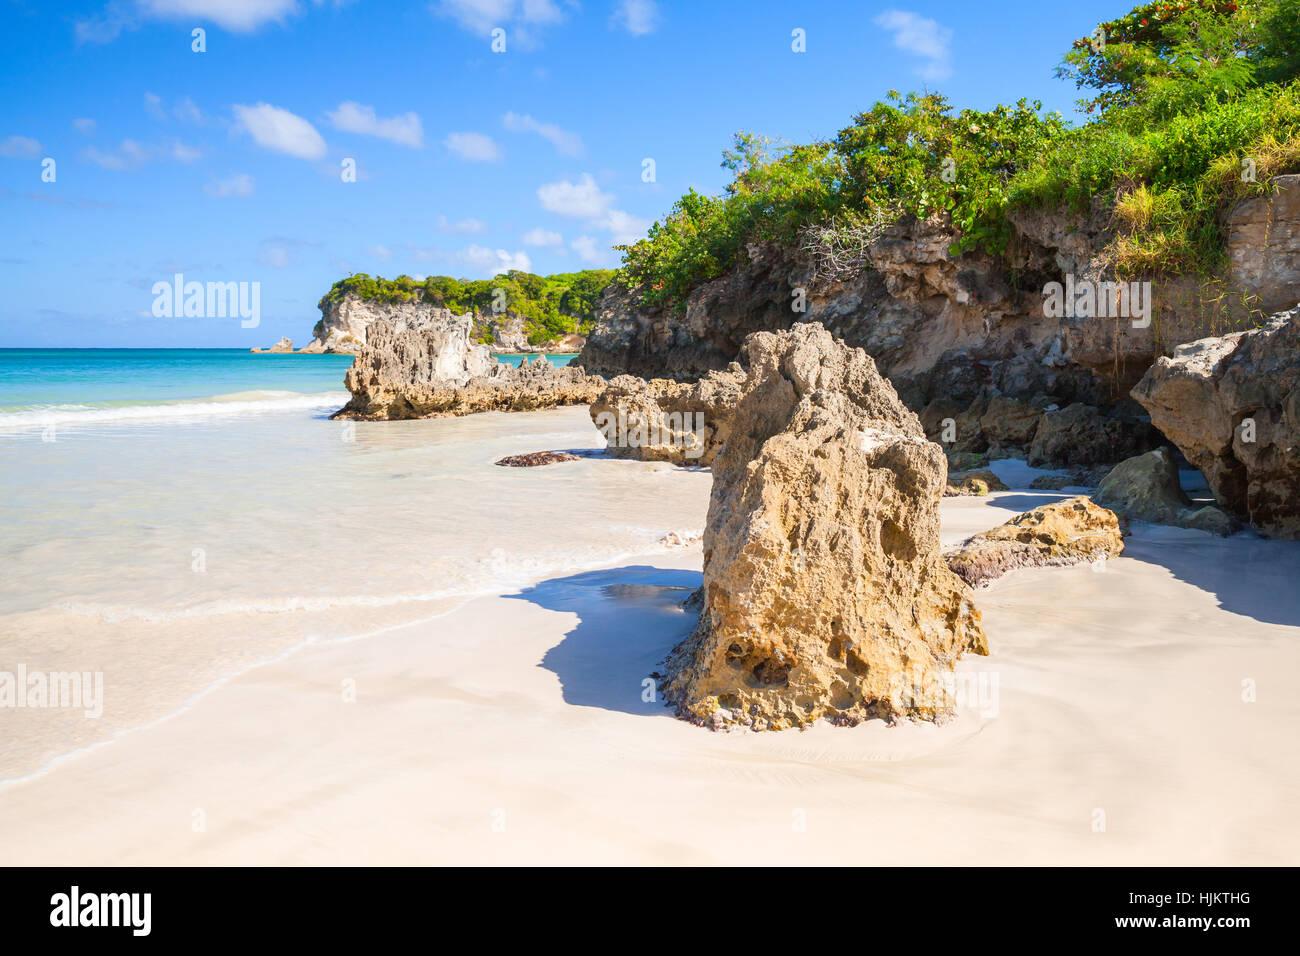 Rocas costeras en Macao Beach, el paisaje de la República Dominicana, la isla Hispaniola Imagen De Stock